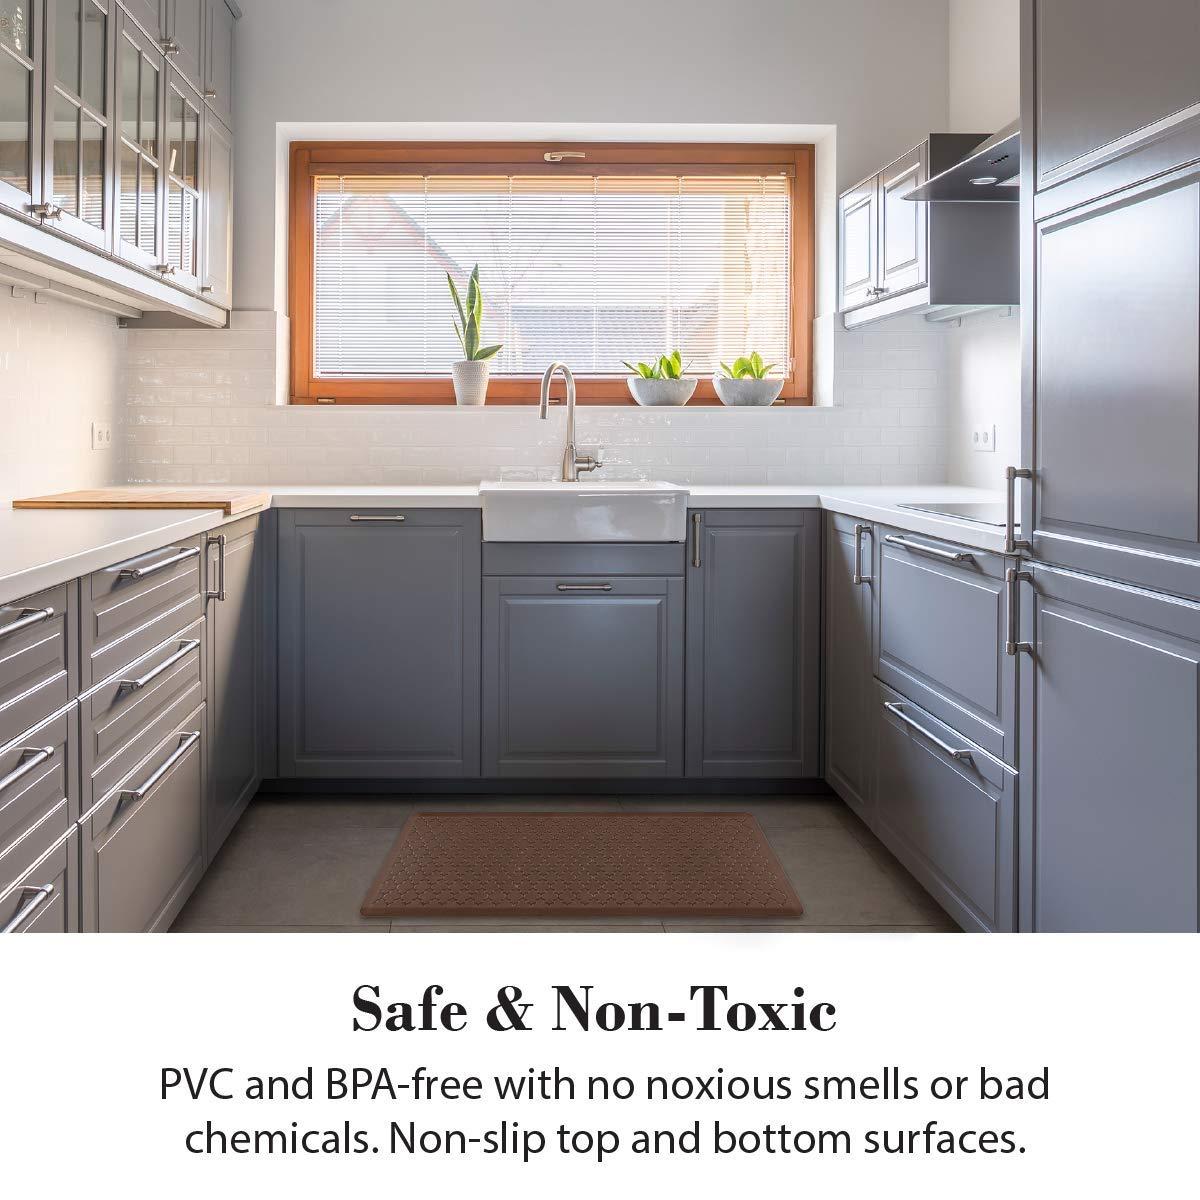 Durable WellnessMats Trellis Anti-Fatigue Non-Slip Comfort /& Support Mat 2x6x3//4 Antique Light Non-Toxic Non-Toxic 2/'x6/'x3//4 Antique Light WellnessMats Kitchen Mats MT62WMRLT